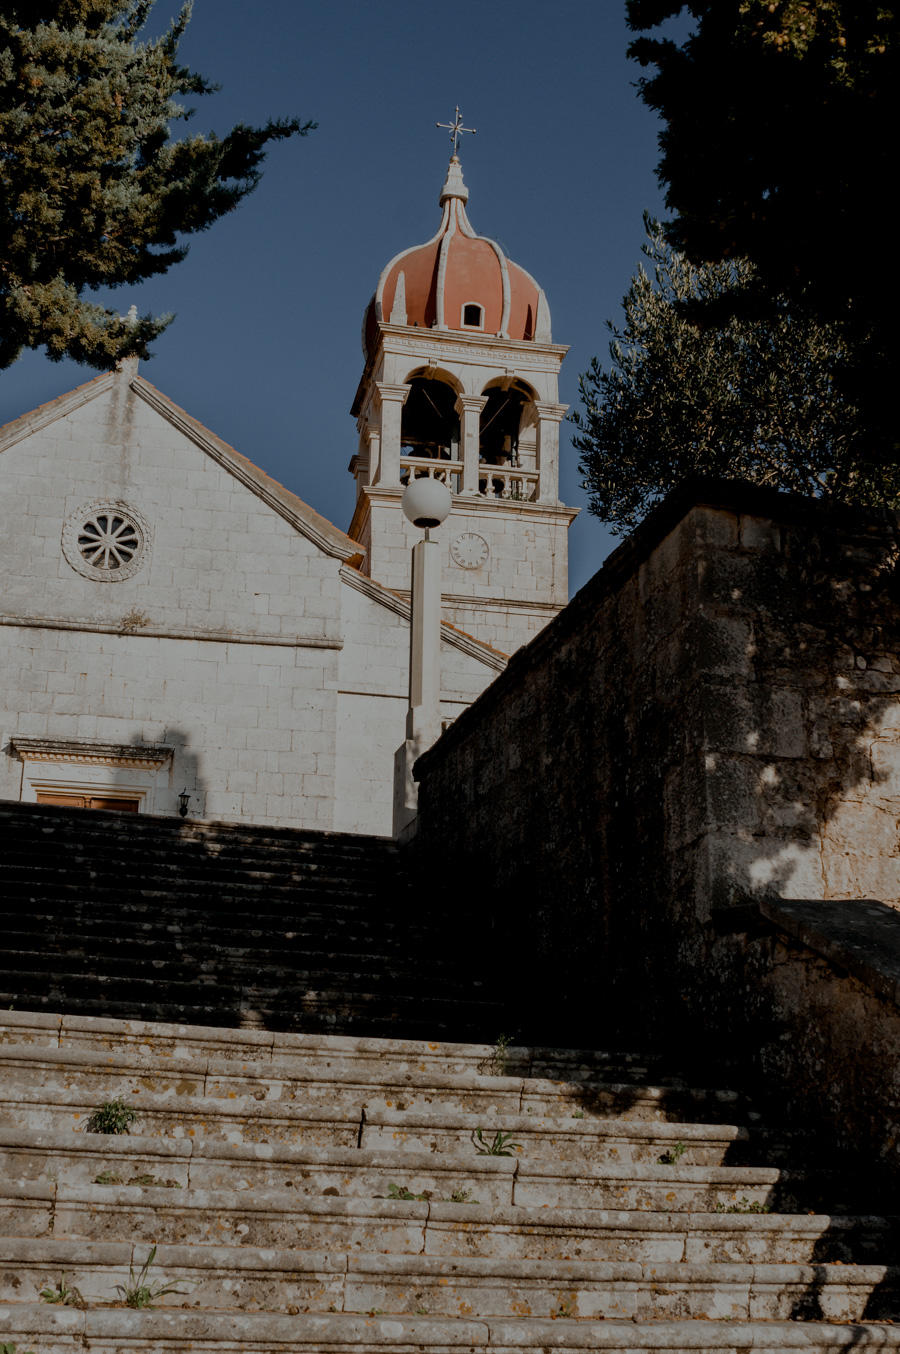 Crkva sv. Fabijan and Sebastijan